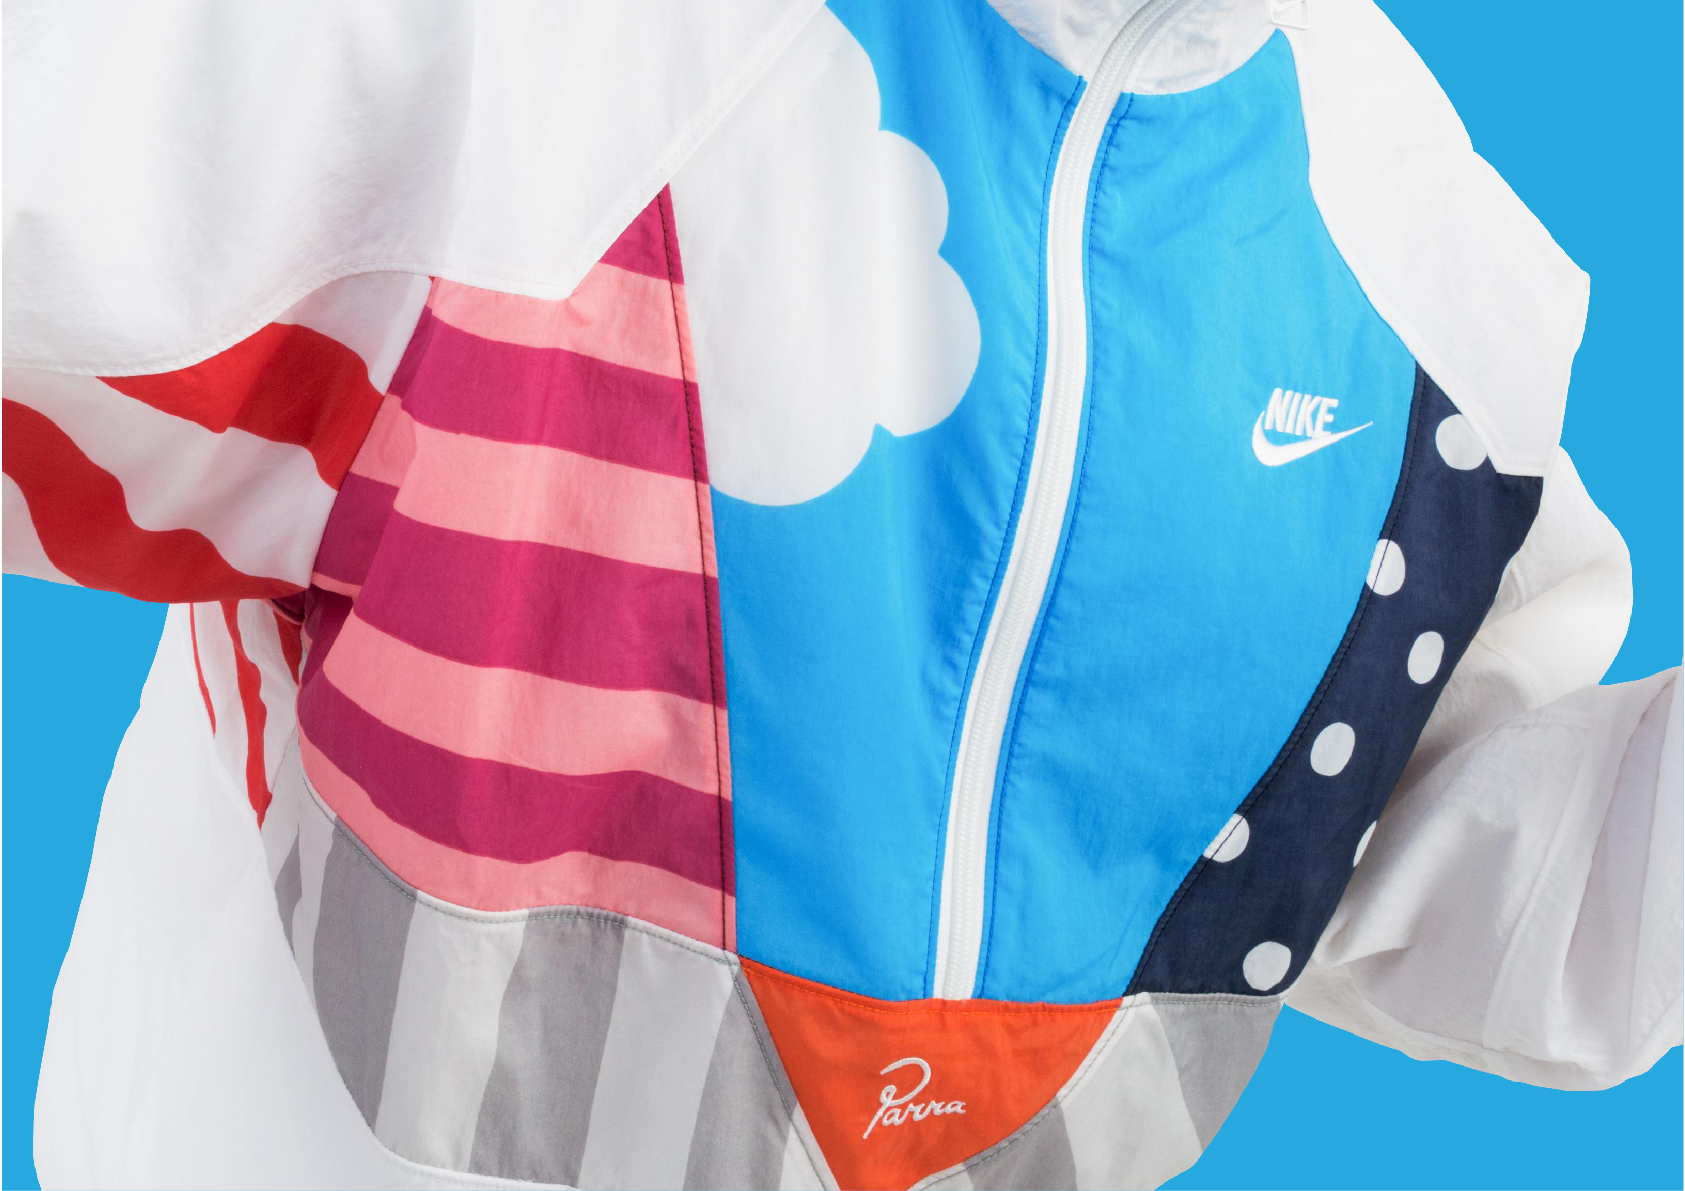 La collection Nike x Parra comportera 3 paires et une ...